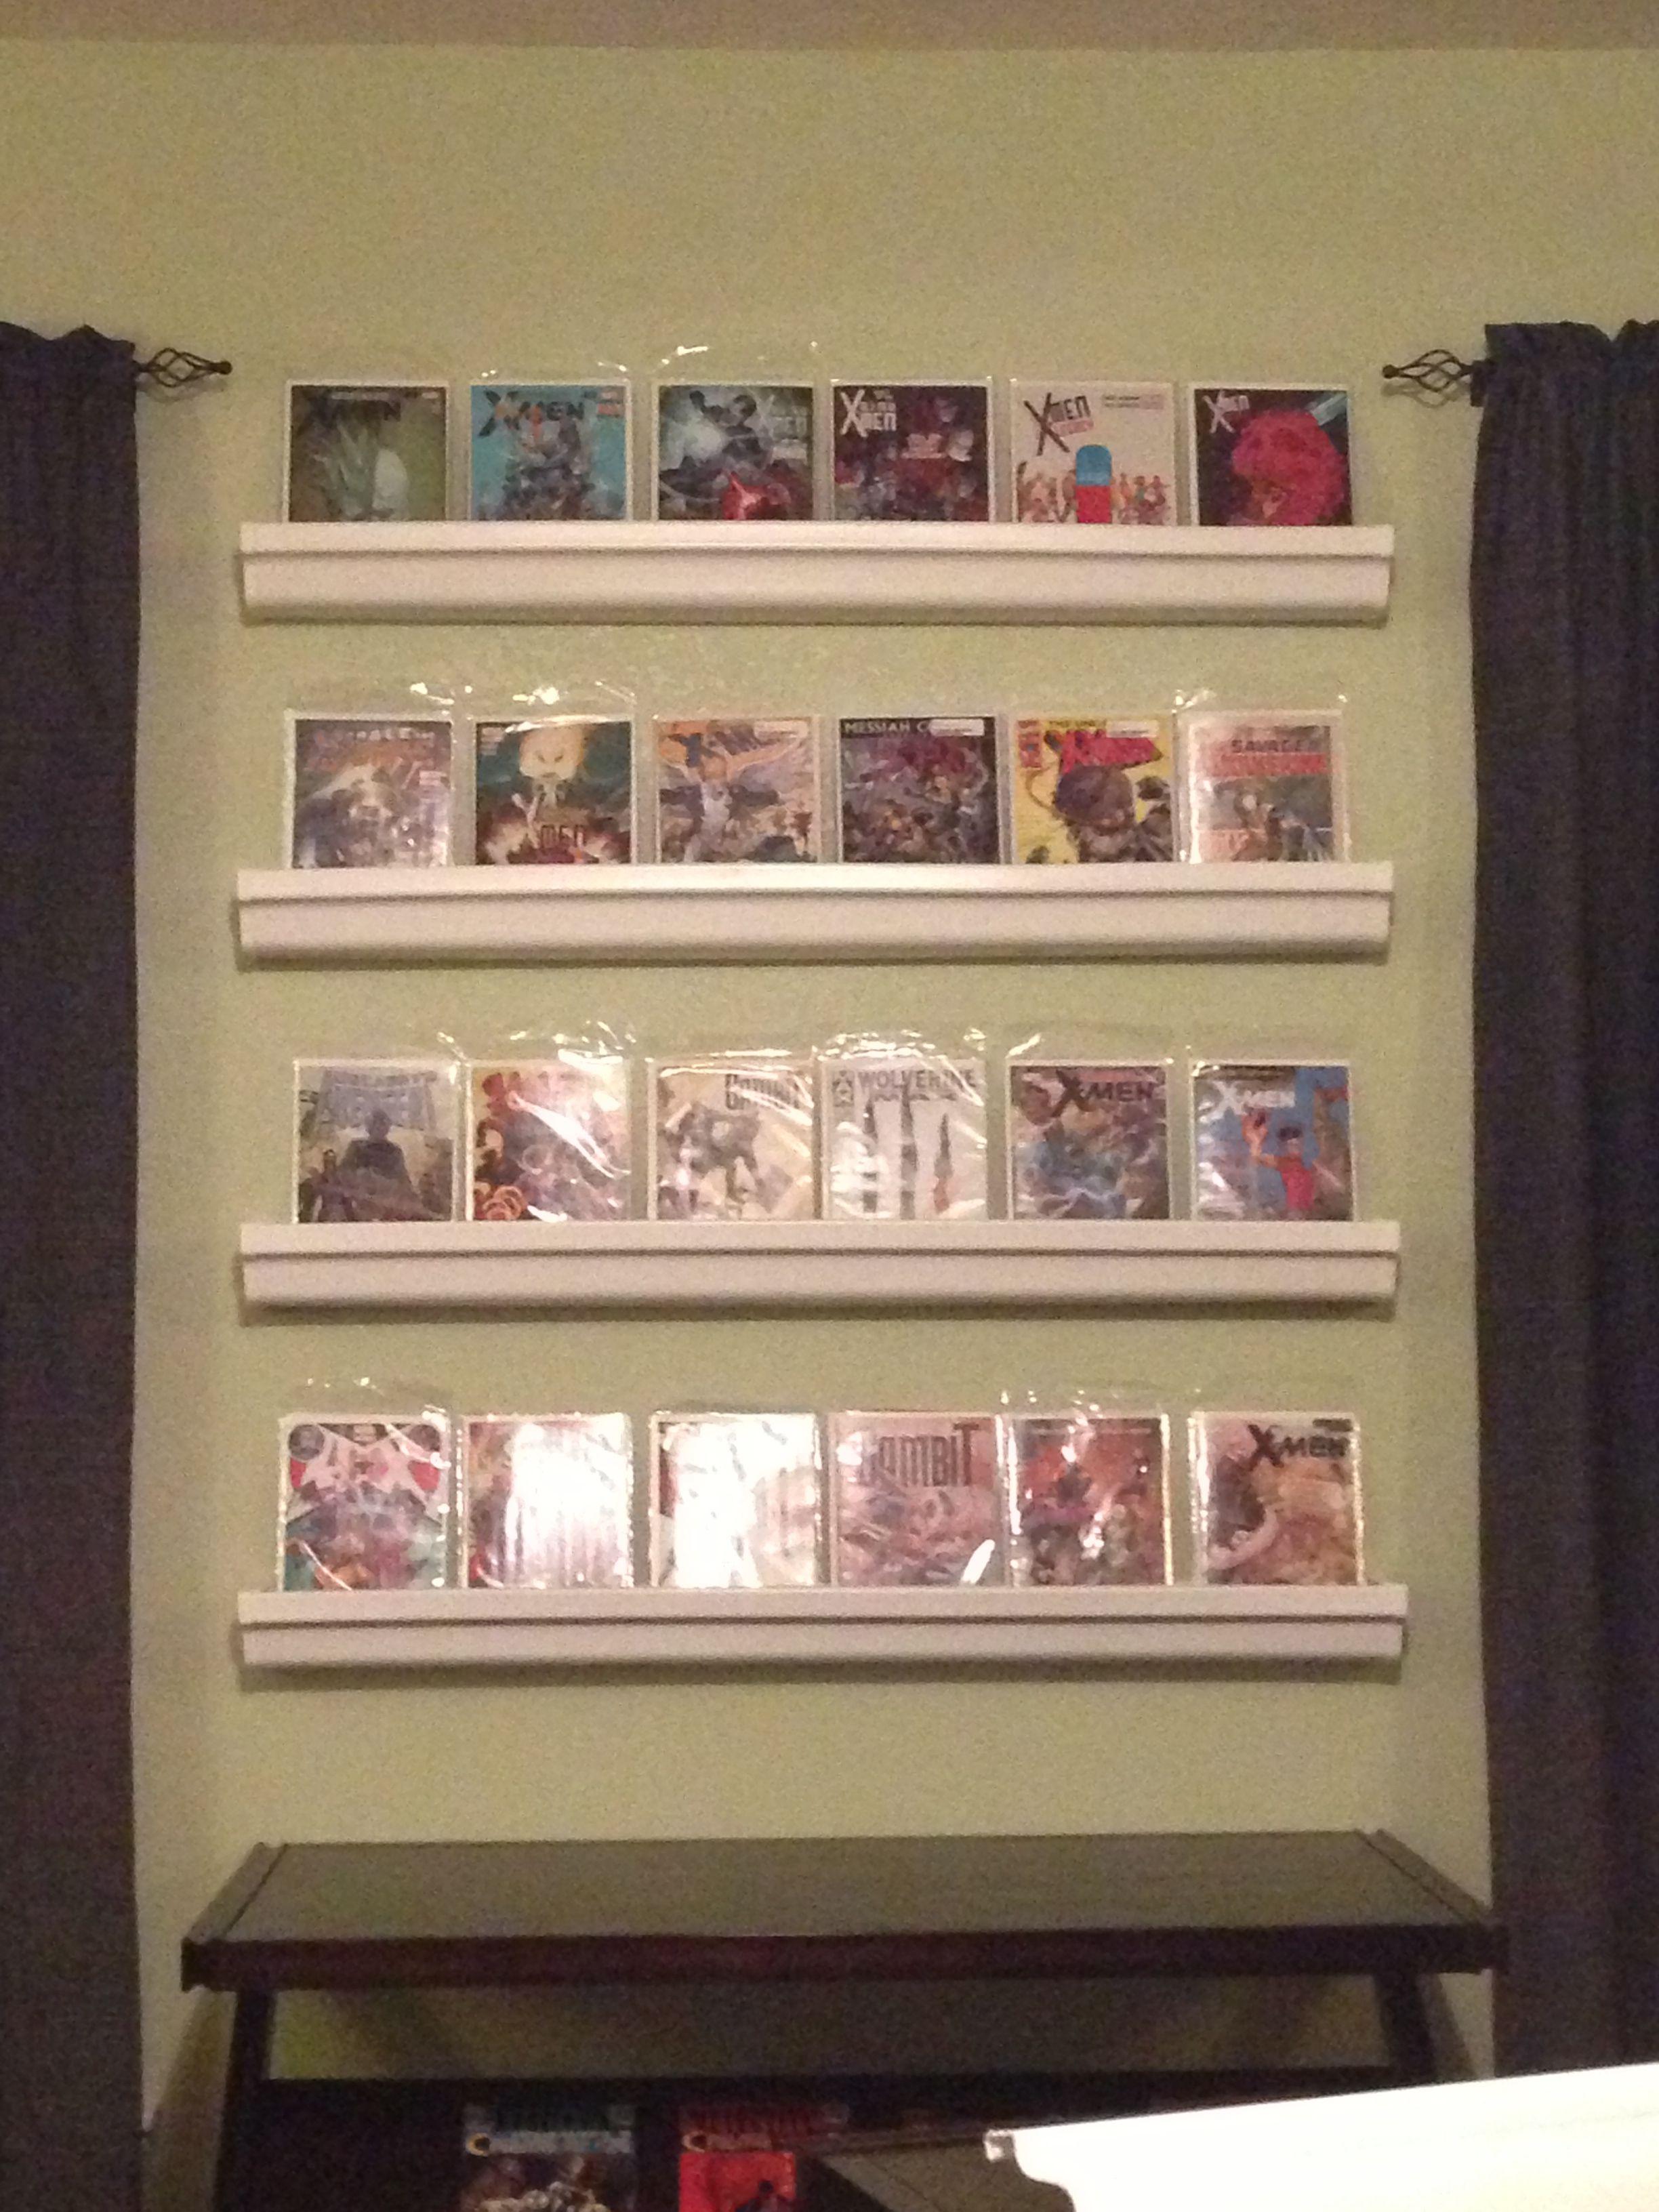 Comic Book Shelves Made From Rain Gutters Bookshelves